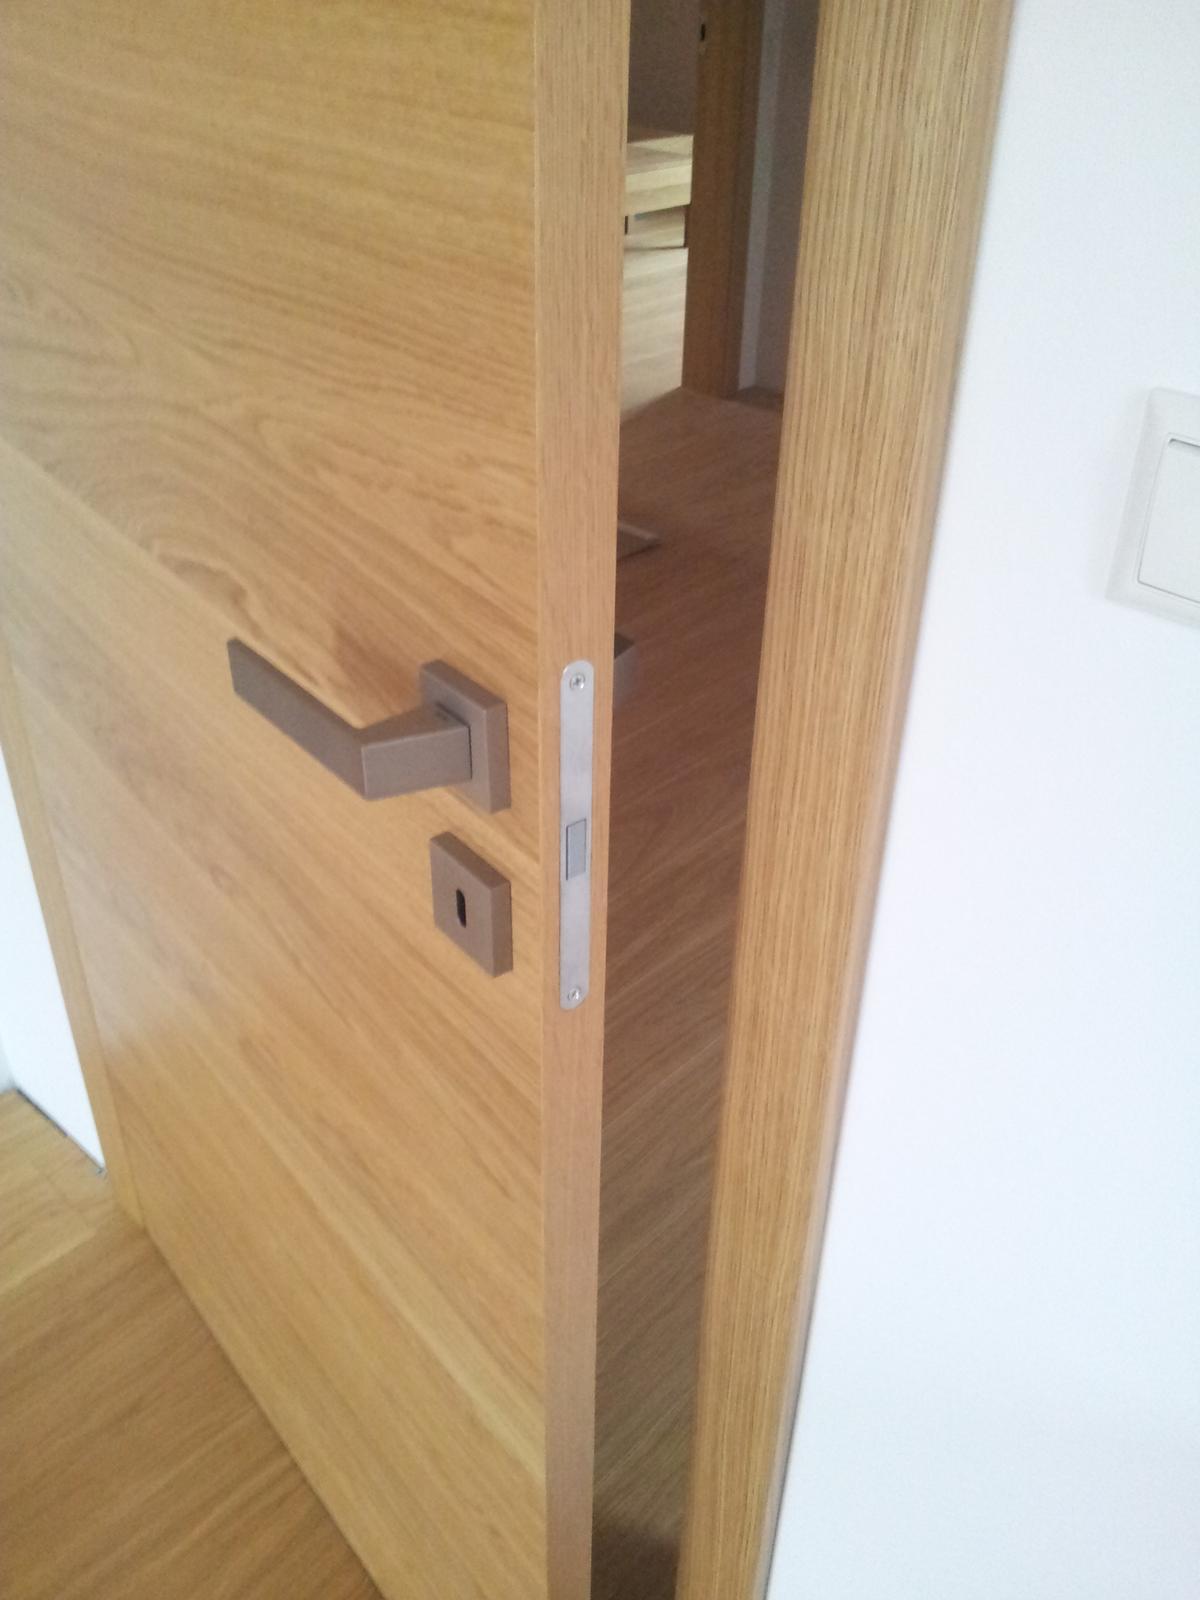 Dizajn a výroba nábytku na mieru Cubica - Bezfalcové interiérové dvere - magnetický zámok - dizajn a výroba cubica